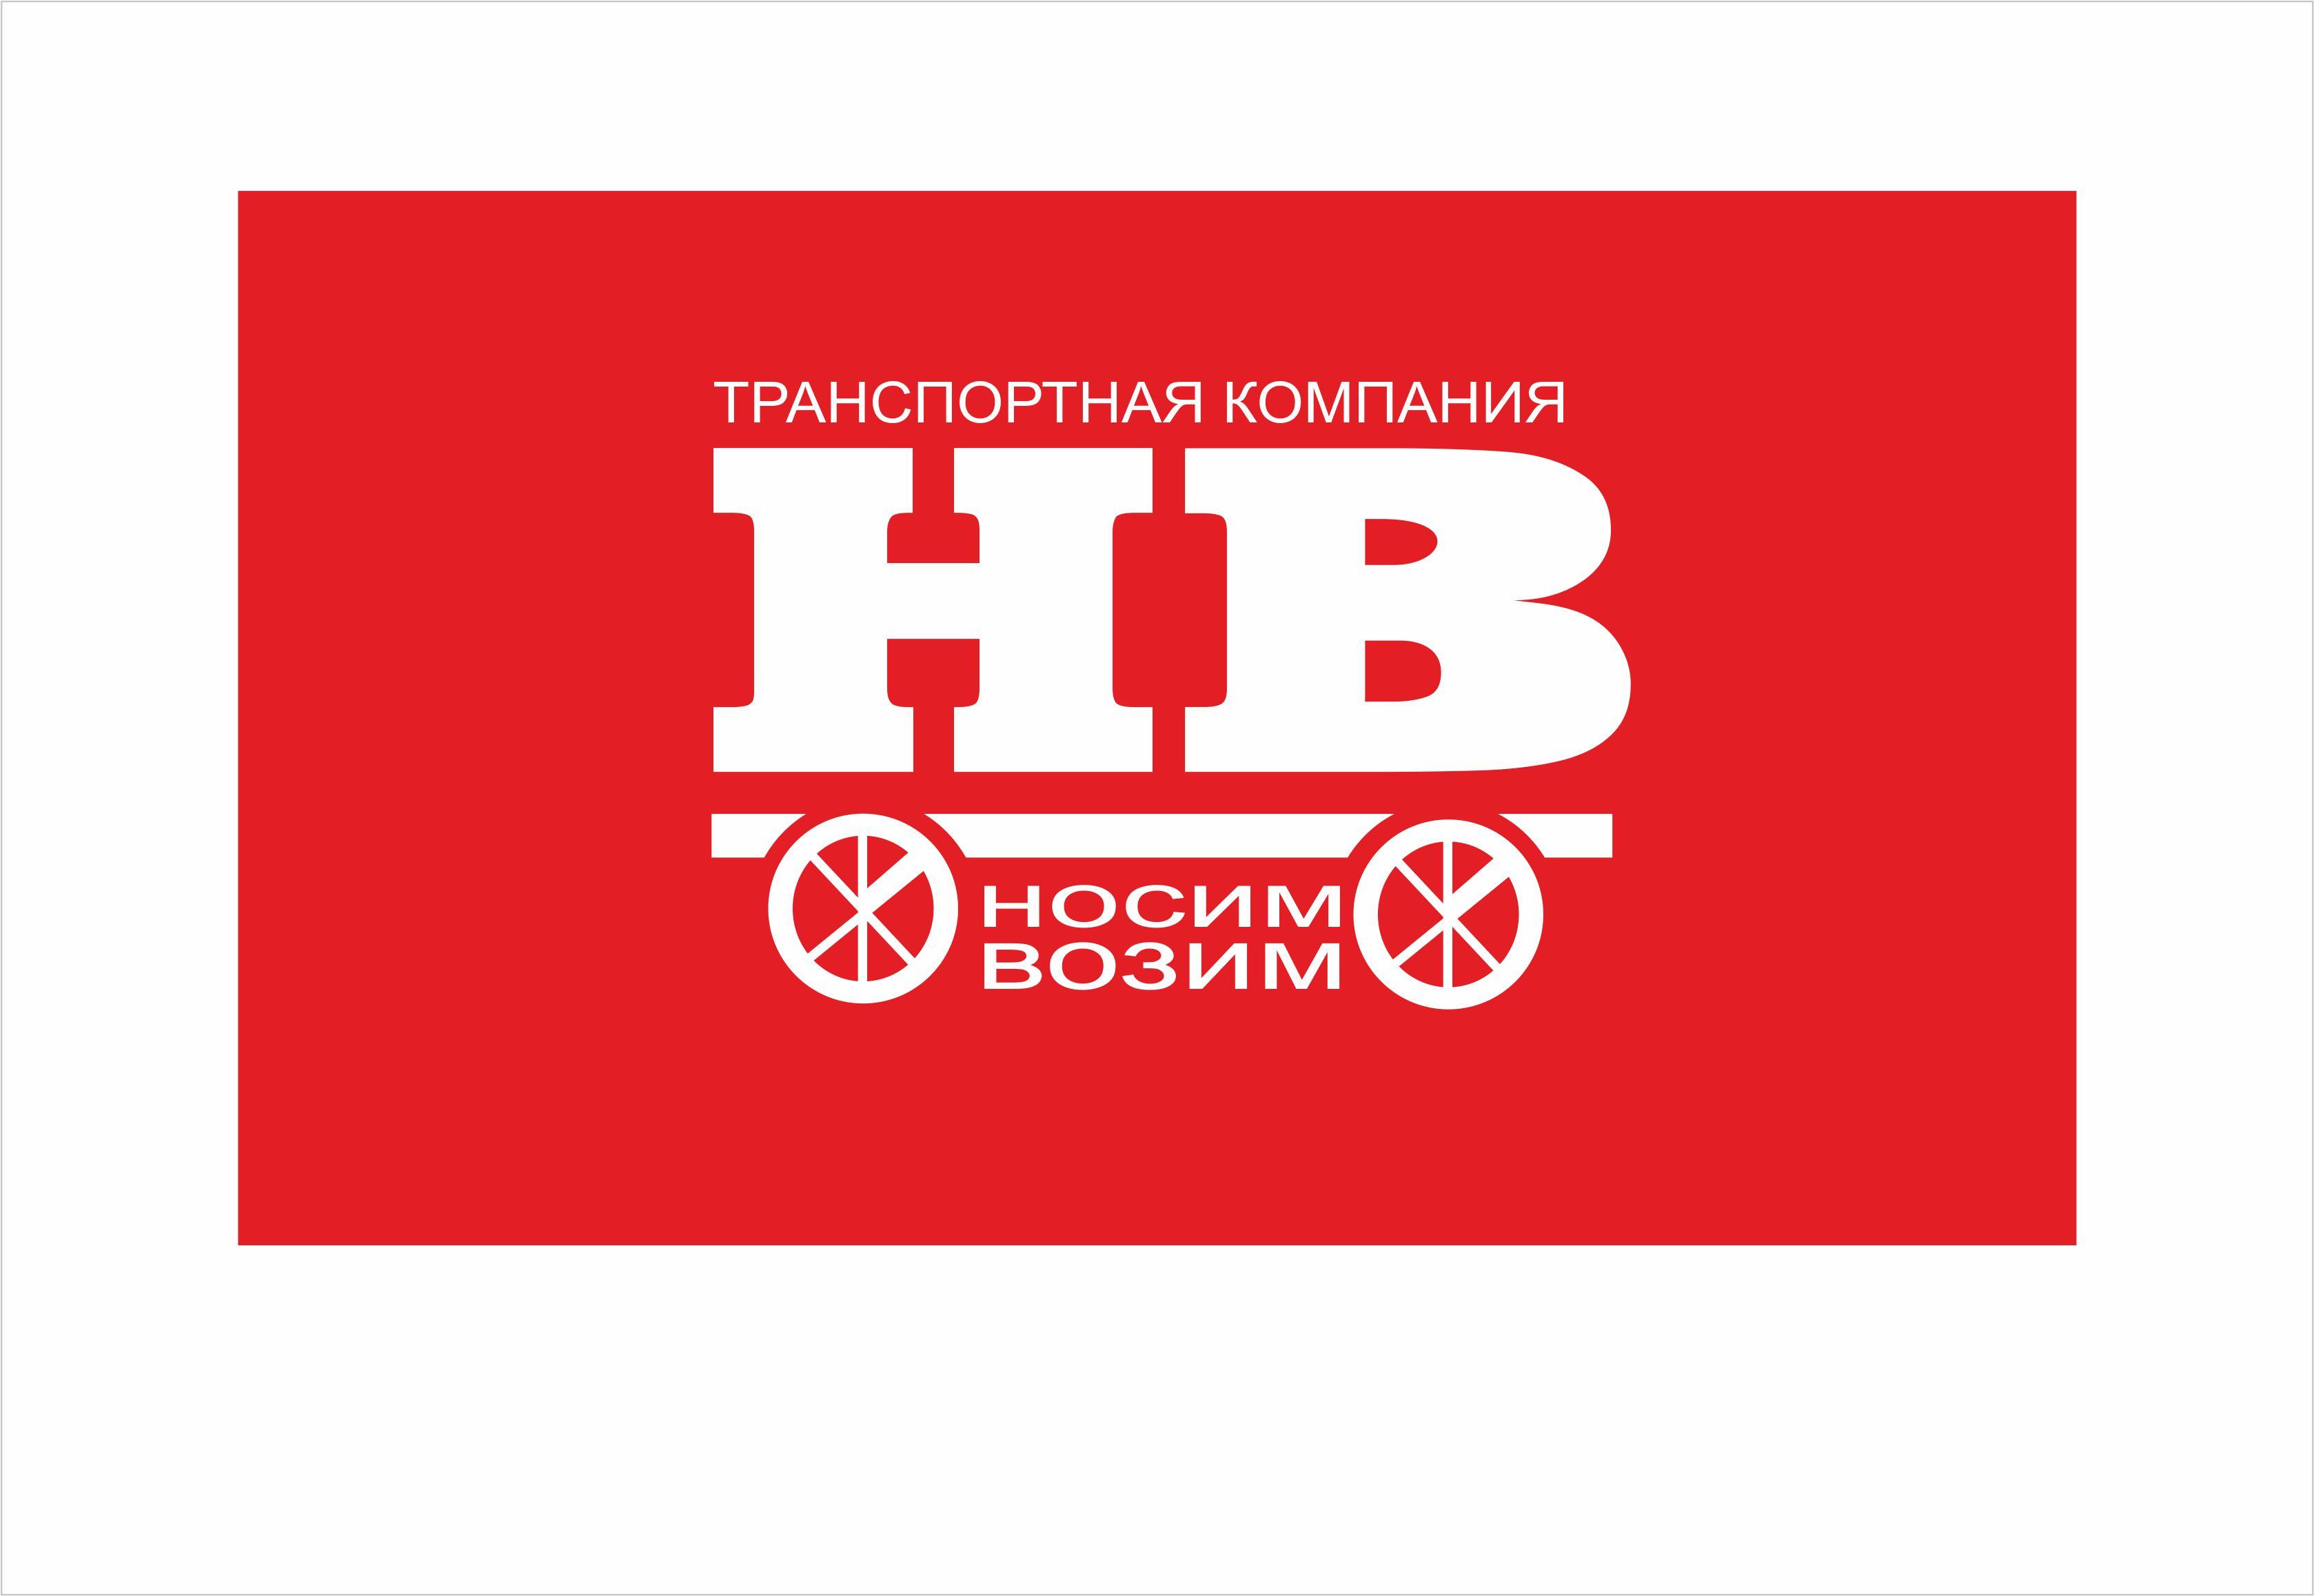 Логотип компании по перевозкам НосимВозим фото f_9235cf8a2fcb2c41.jpg